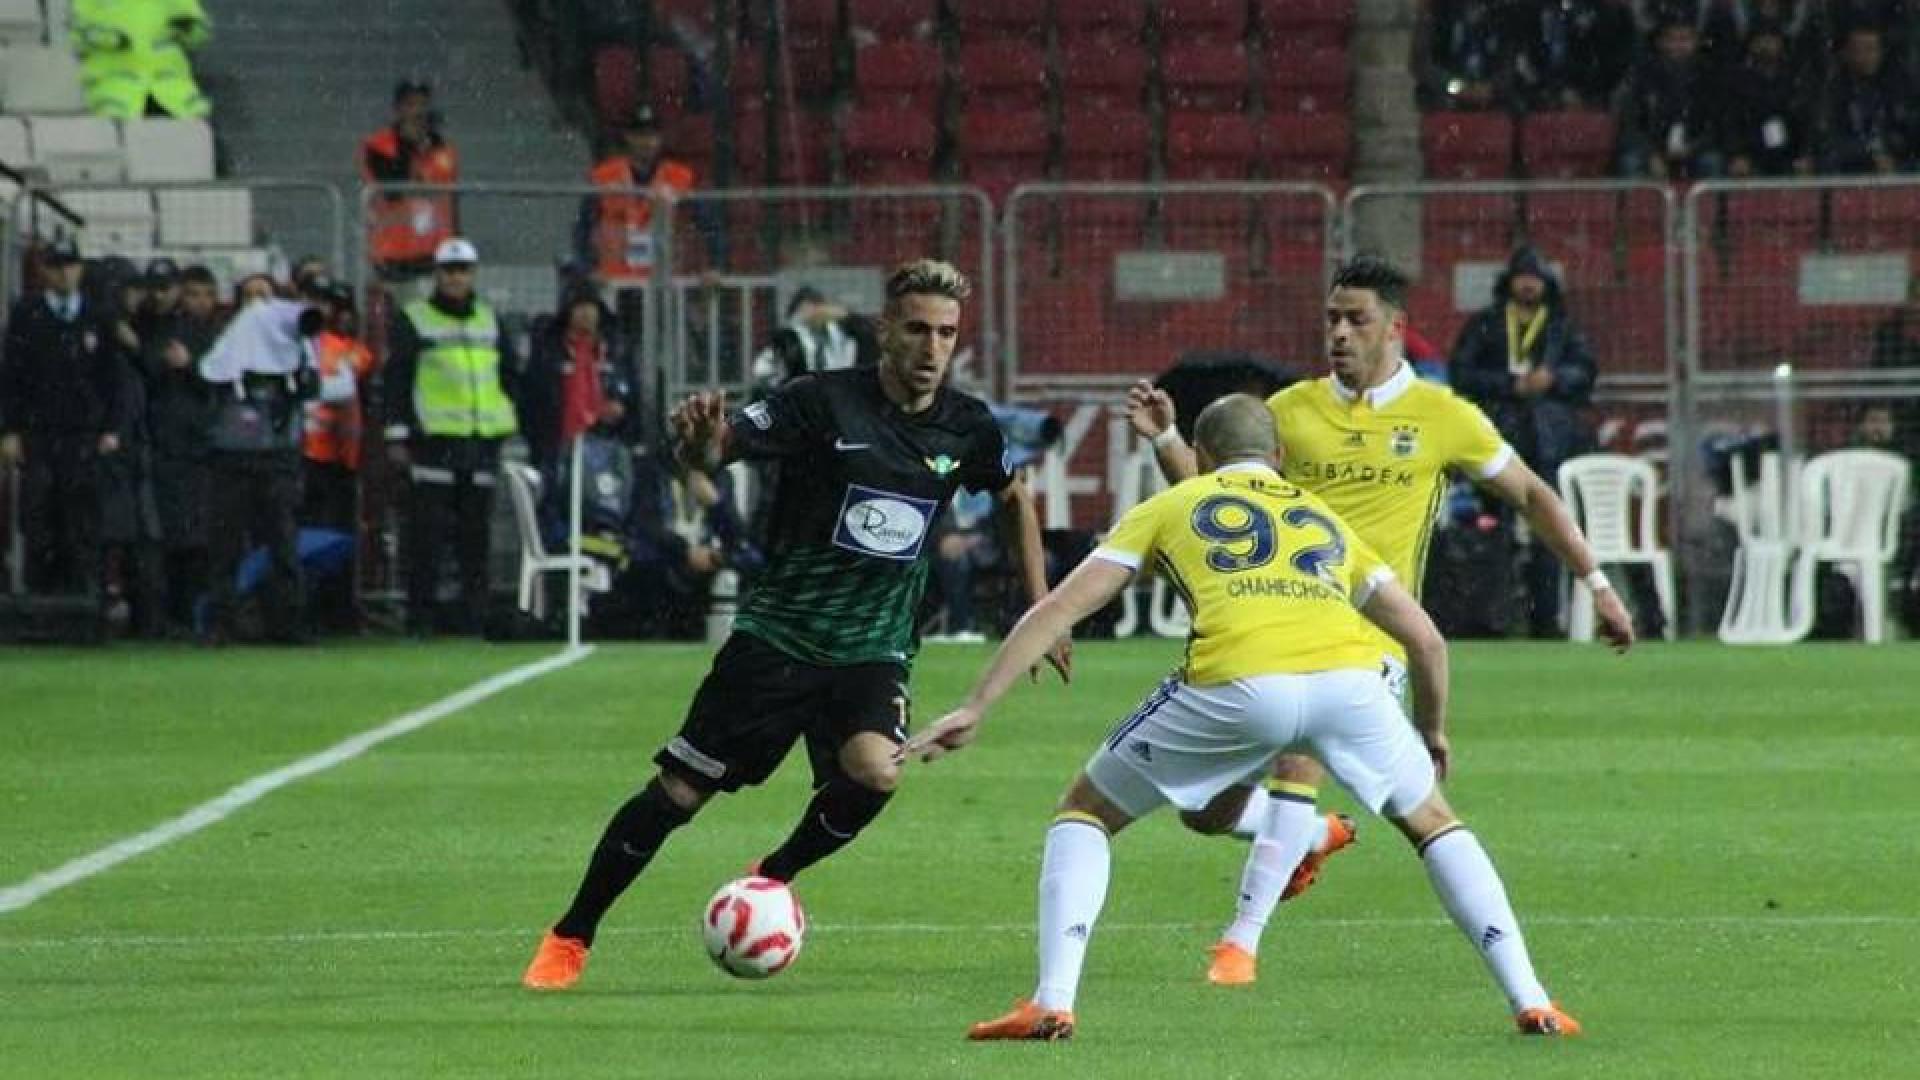 Akhisar conquista Taça diante do Fenerbahçe com golos portugueses — Surpresa na Turquia